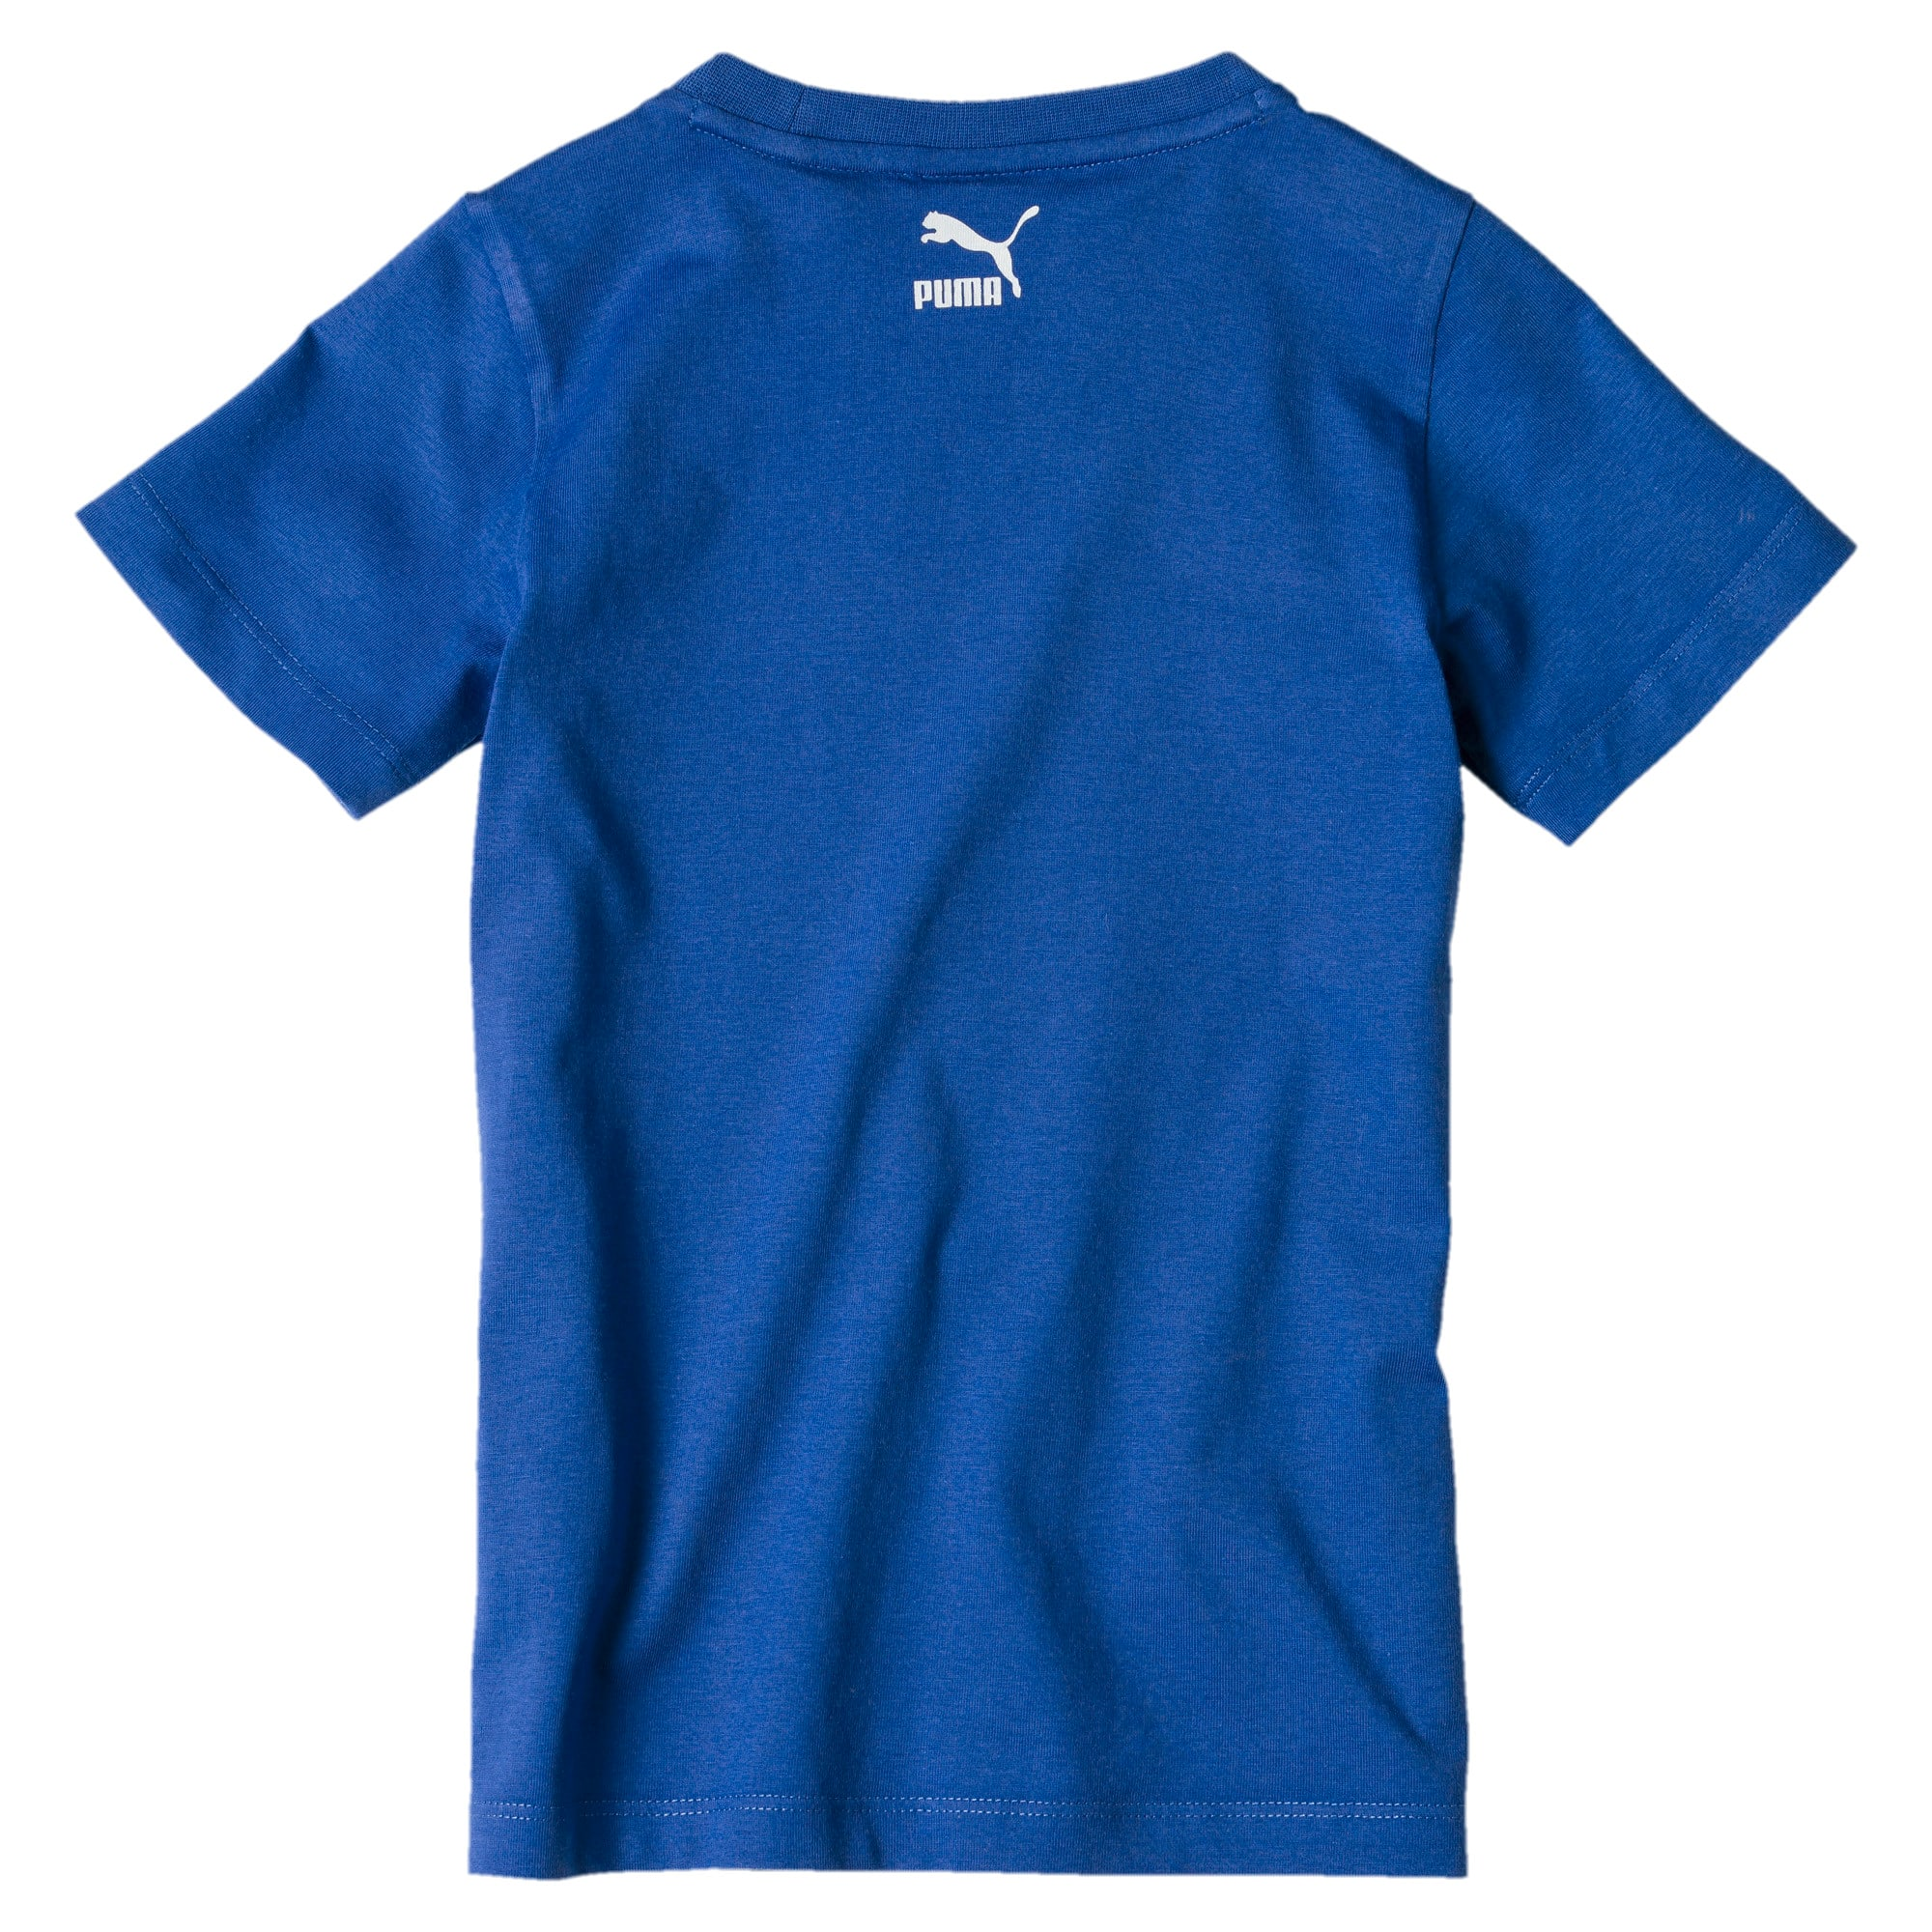 Vignette 2 de T-shirt Monster, nouveau-né + tout-petit, Galaxy Blue, moyen